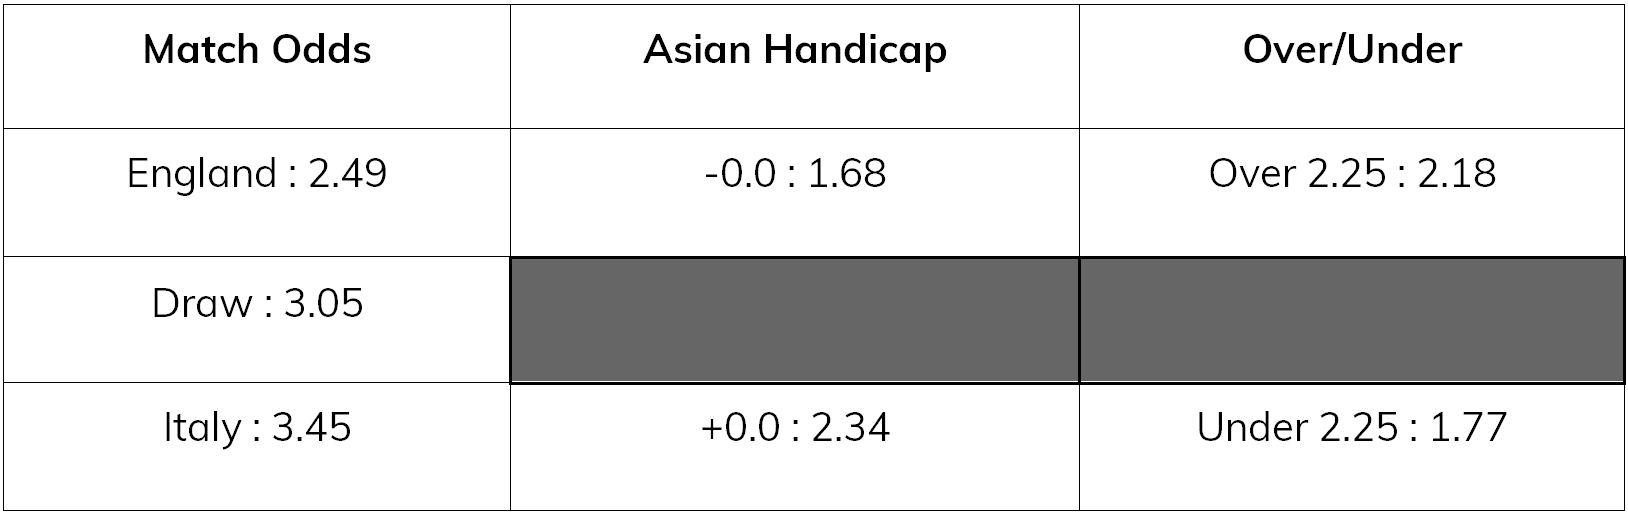 england-v-belgium-asian-handicap-eastbridge2